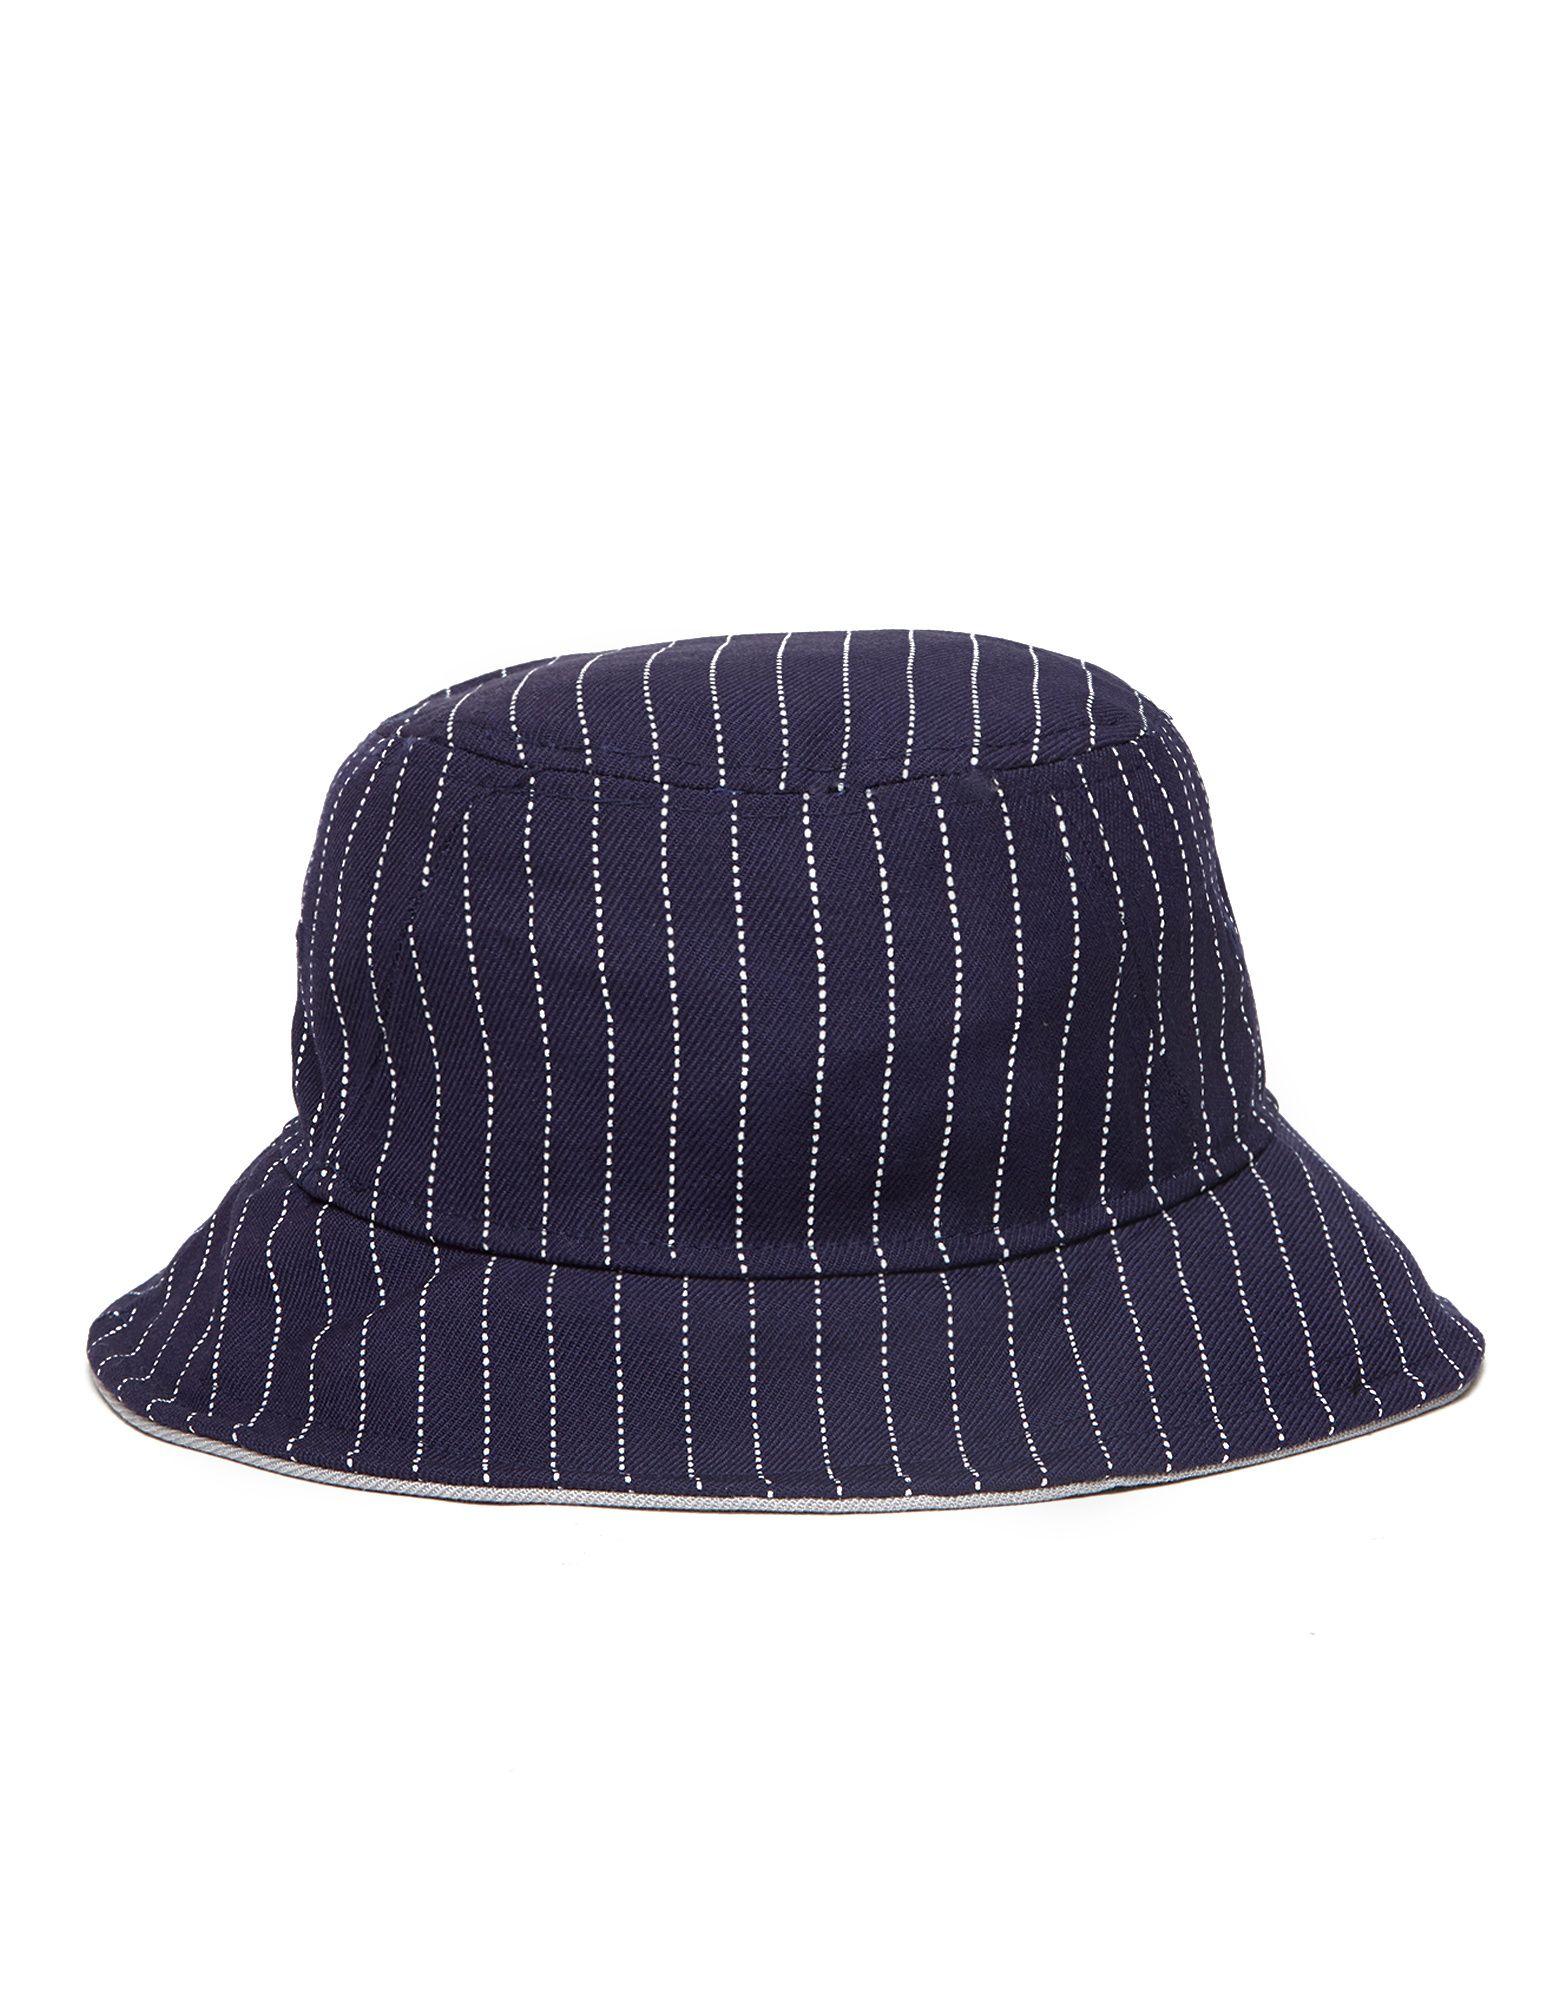 New Era MLB New York Yankees Pinstripe Bucket Hat